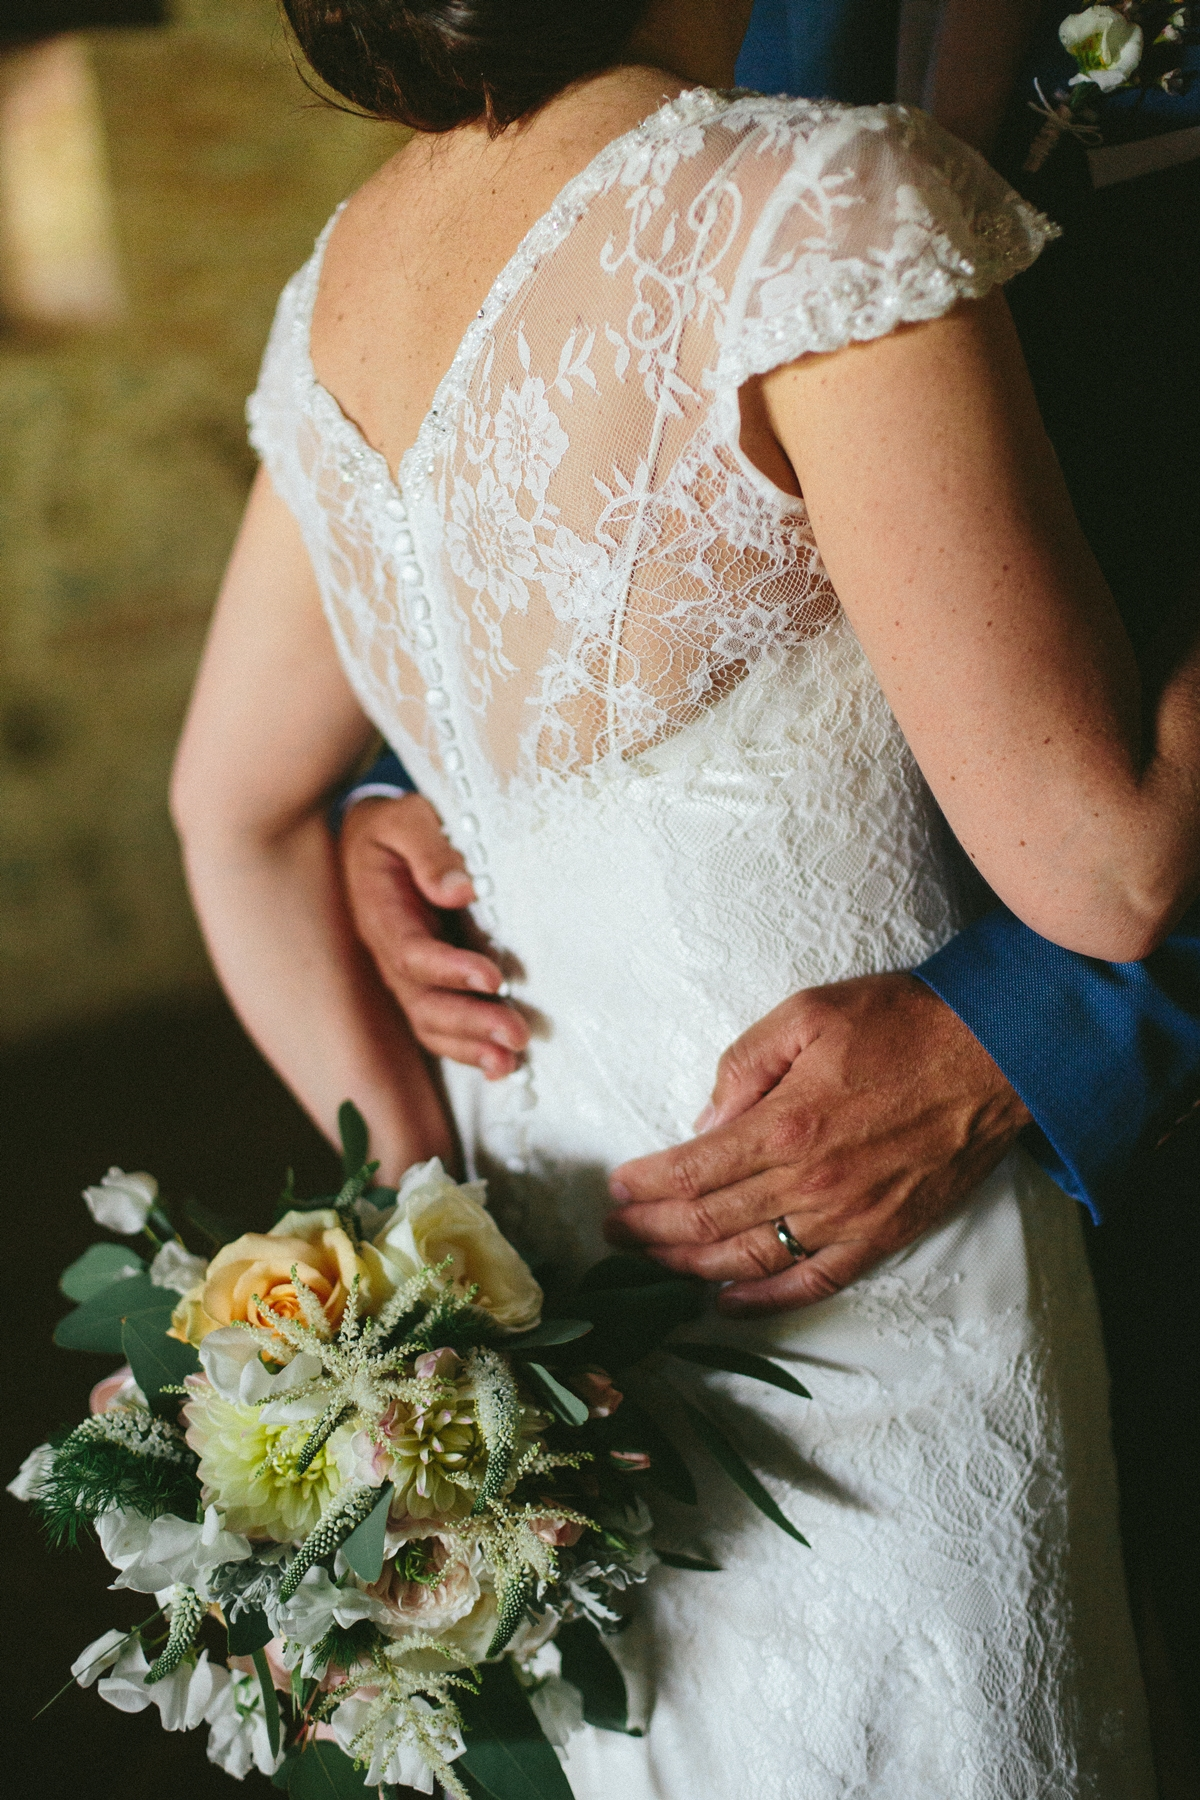 bride-groom-bouquet.jpg